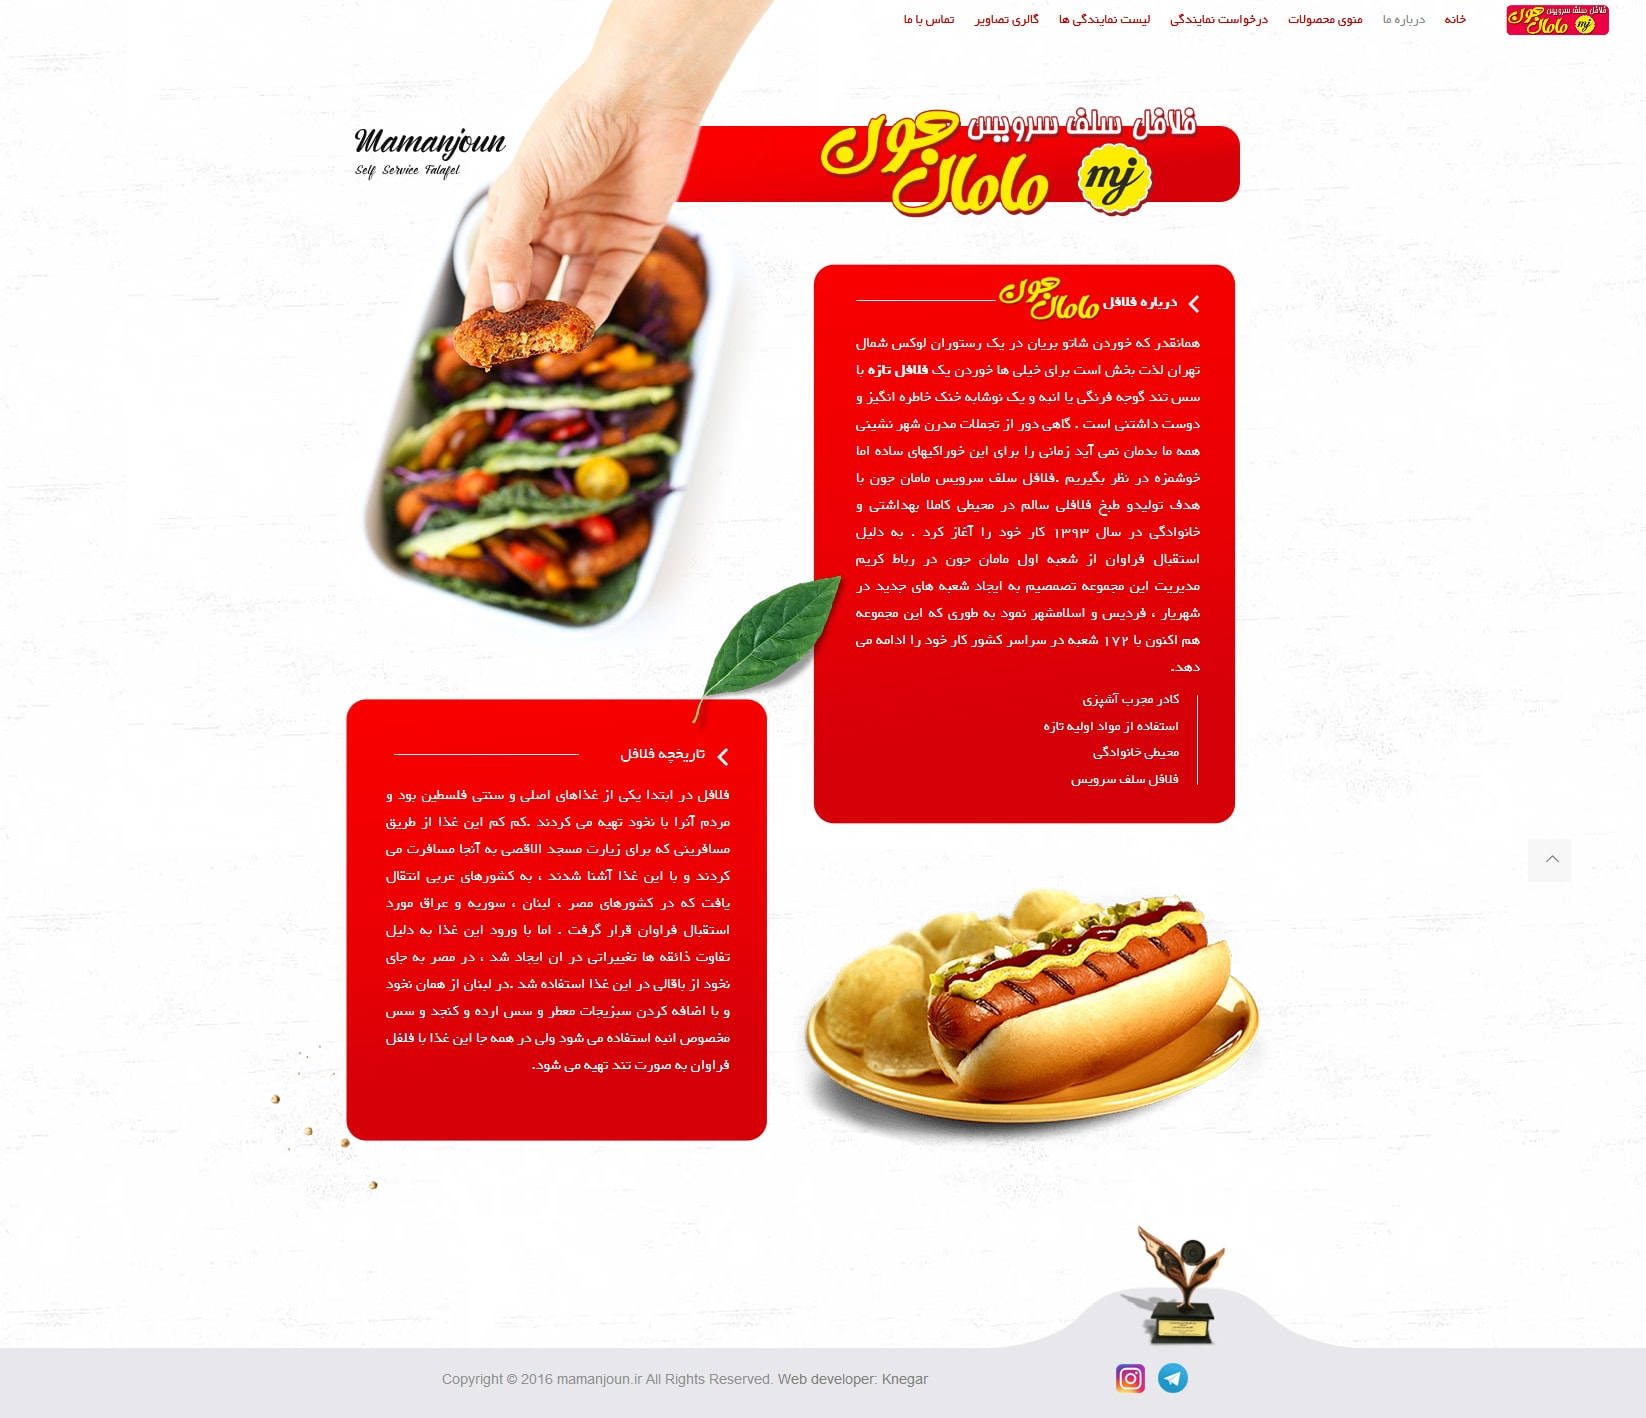 طراحی سایت فلافل مامان جون - توسط شرکت طراحی سایت کی نگار